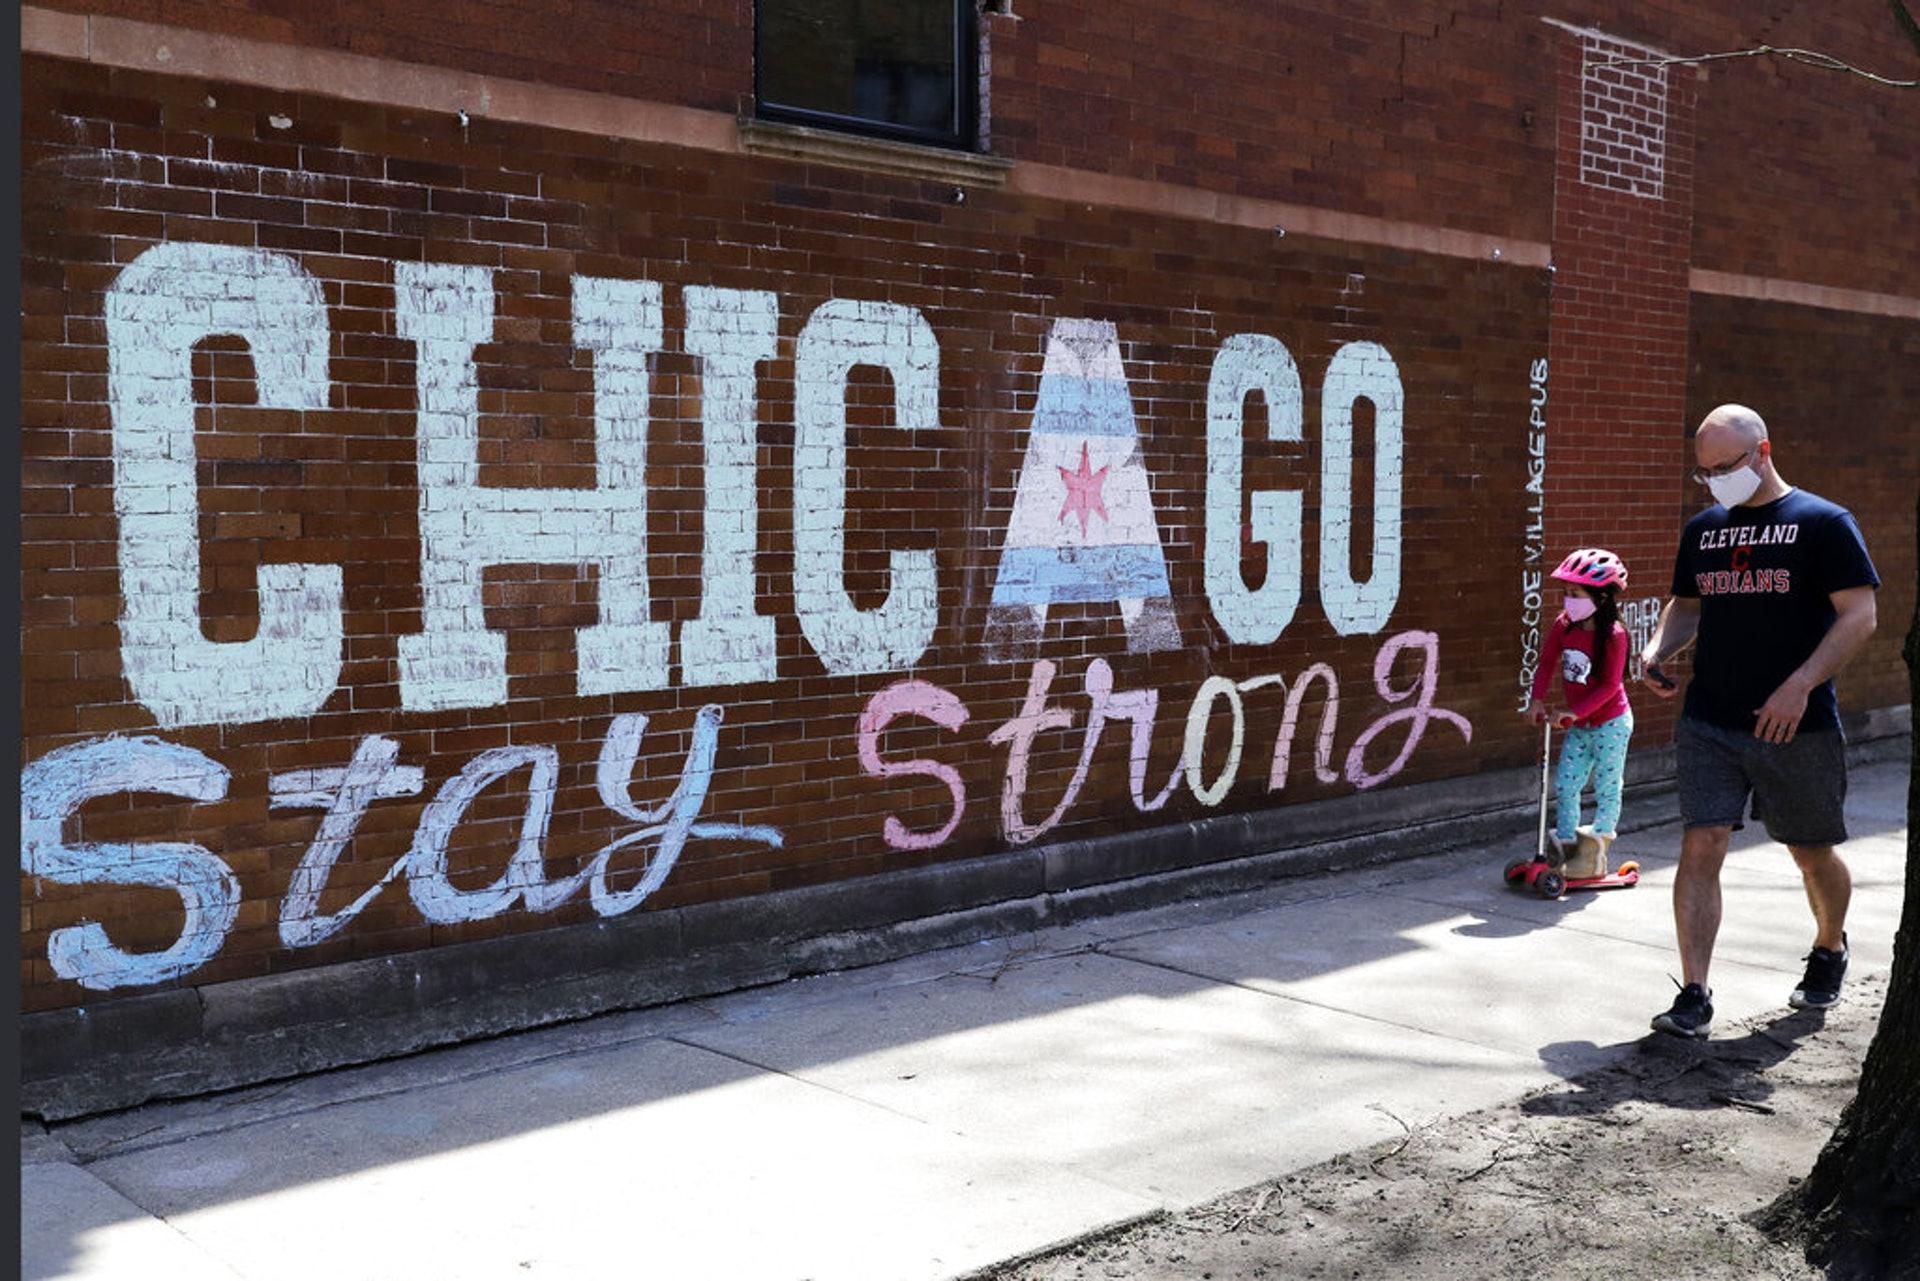 美國新冠肺炎疫情:羅斯科村附近一間酒吧外一幅牆上寫有「芝加哥保持堅強」。圖為4月11人,一名戴口罩的男子和一名戴口罩的孩子經過這幅牆。(AP)